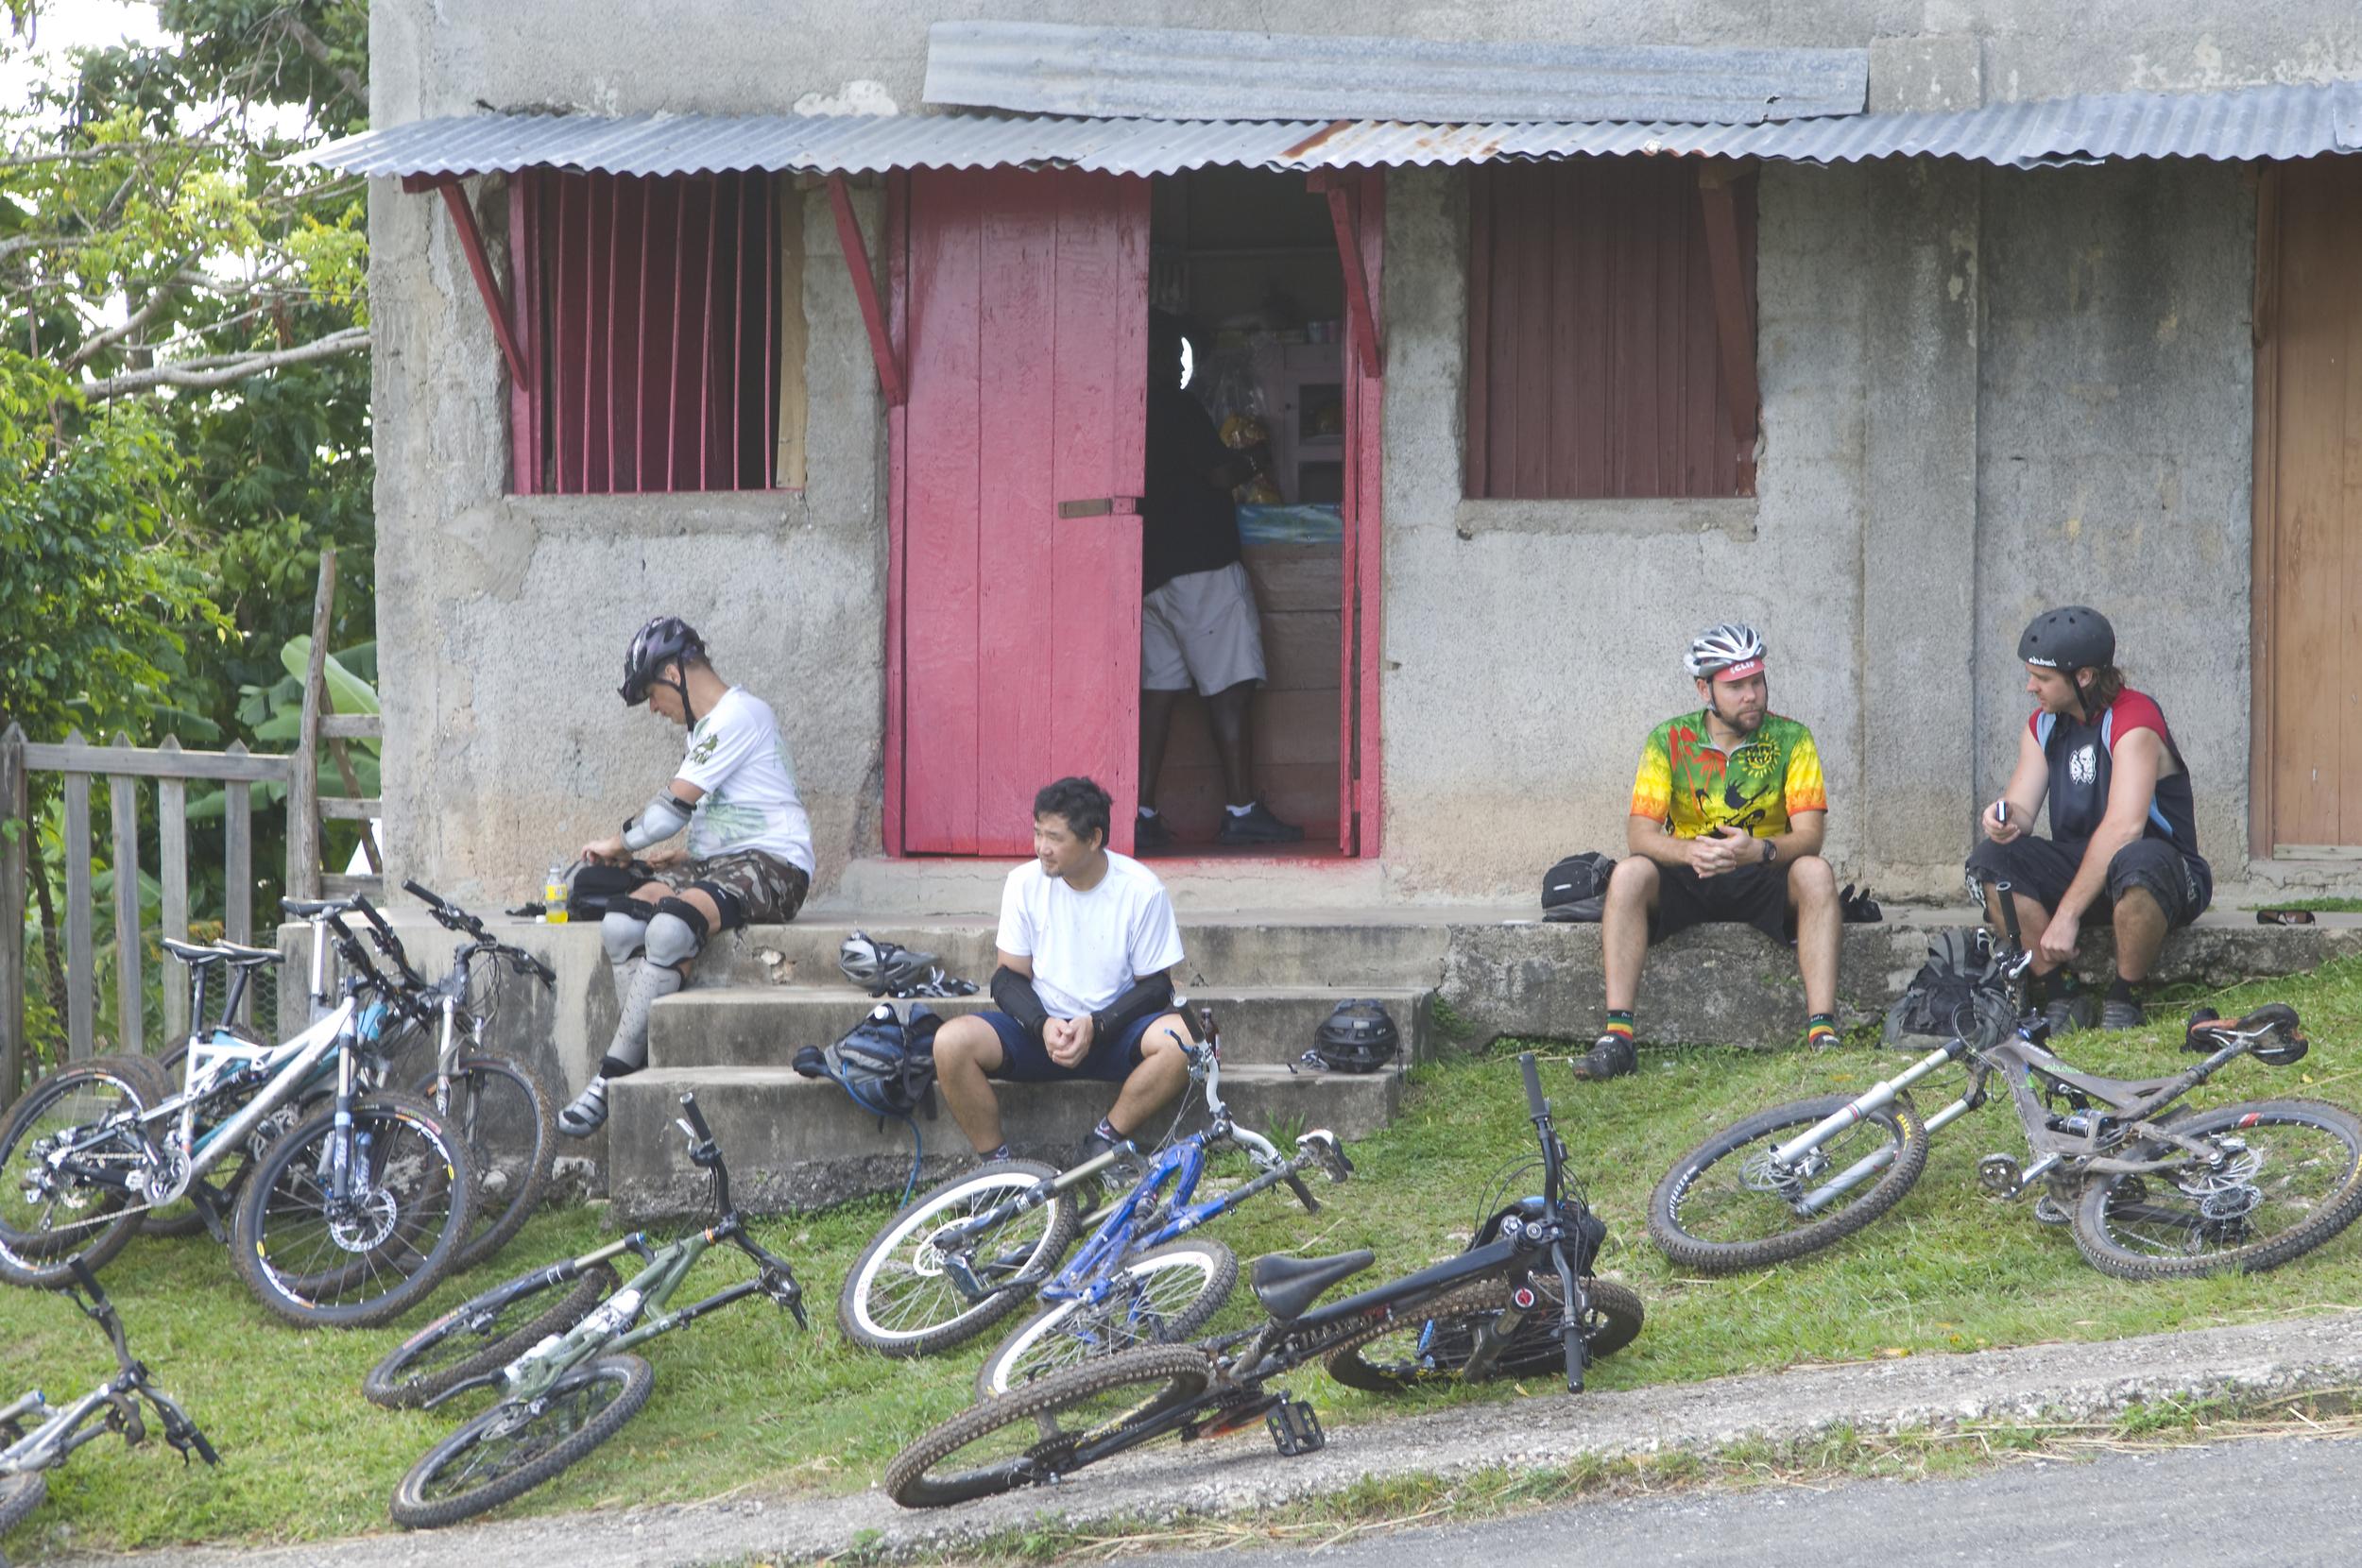 IH_060208_Jamaica_024.jpg